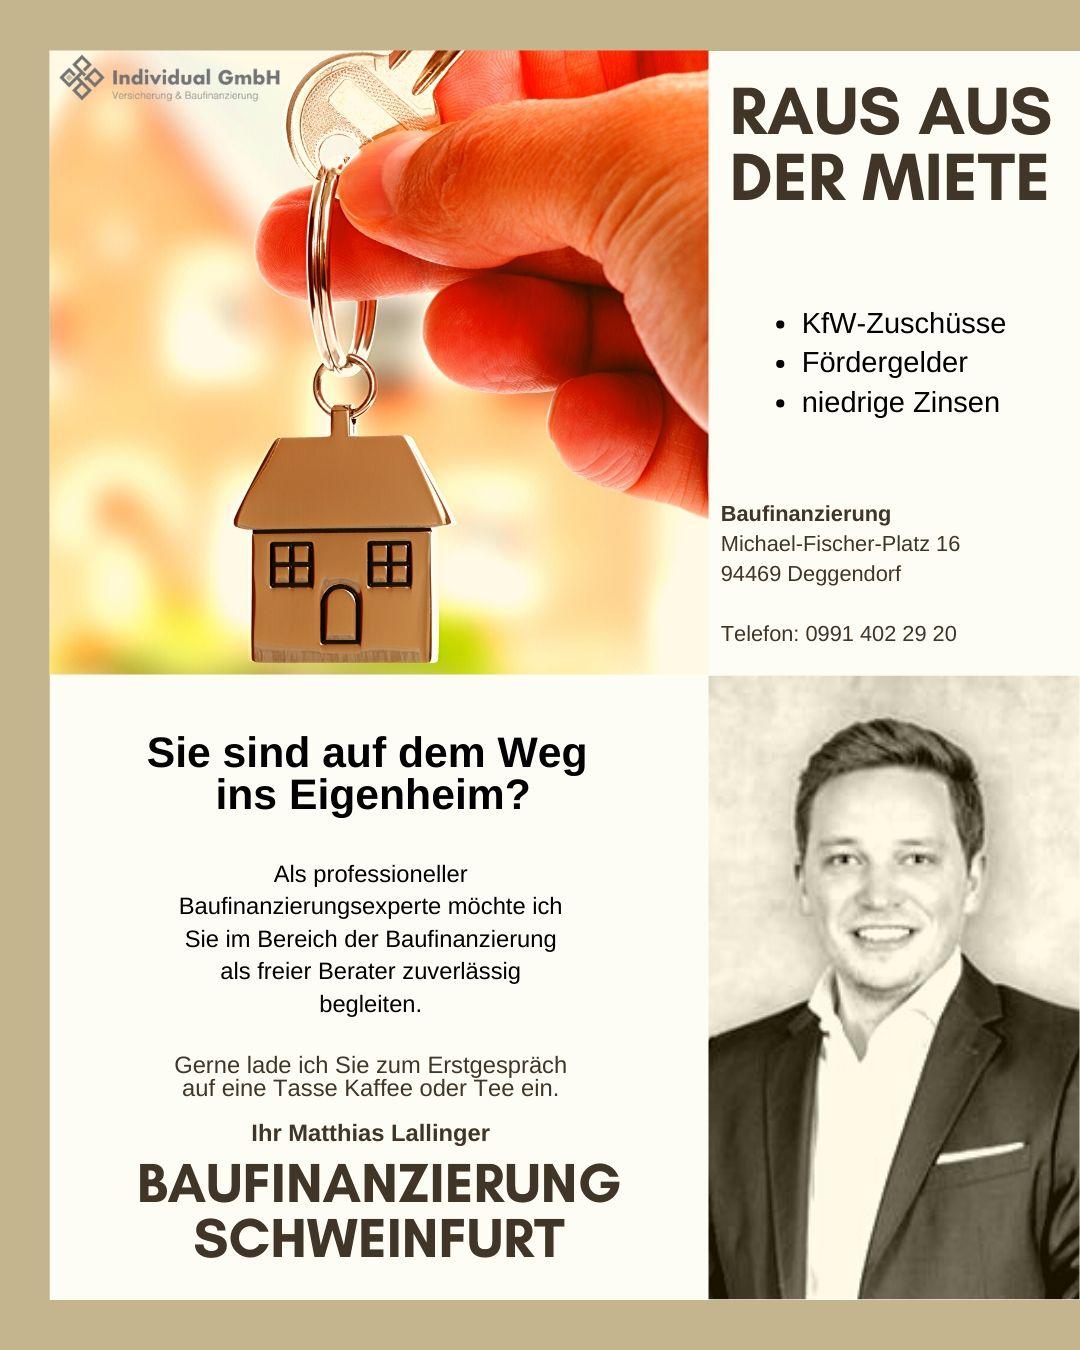 Baufinanzierung Schweinfurt - Matthias Lallinger - Raus aus der Miete